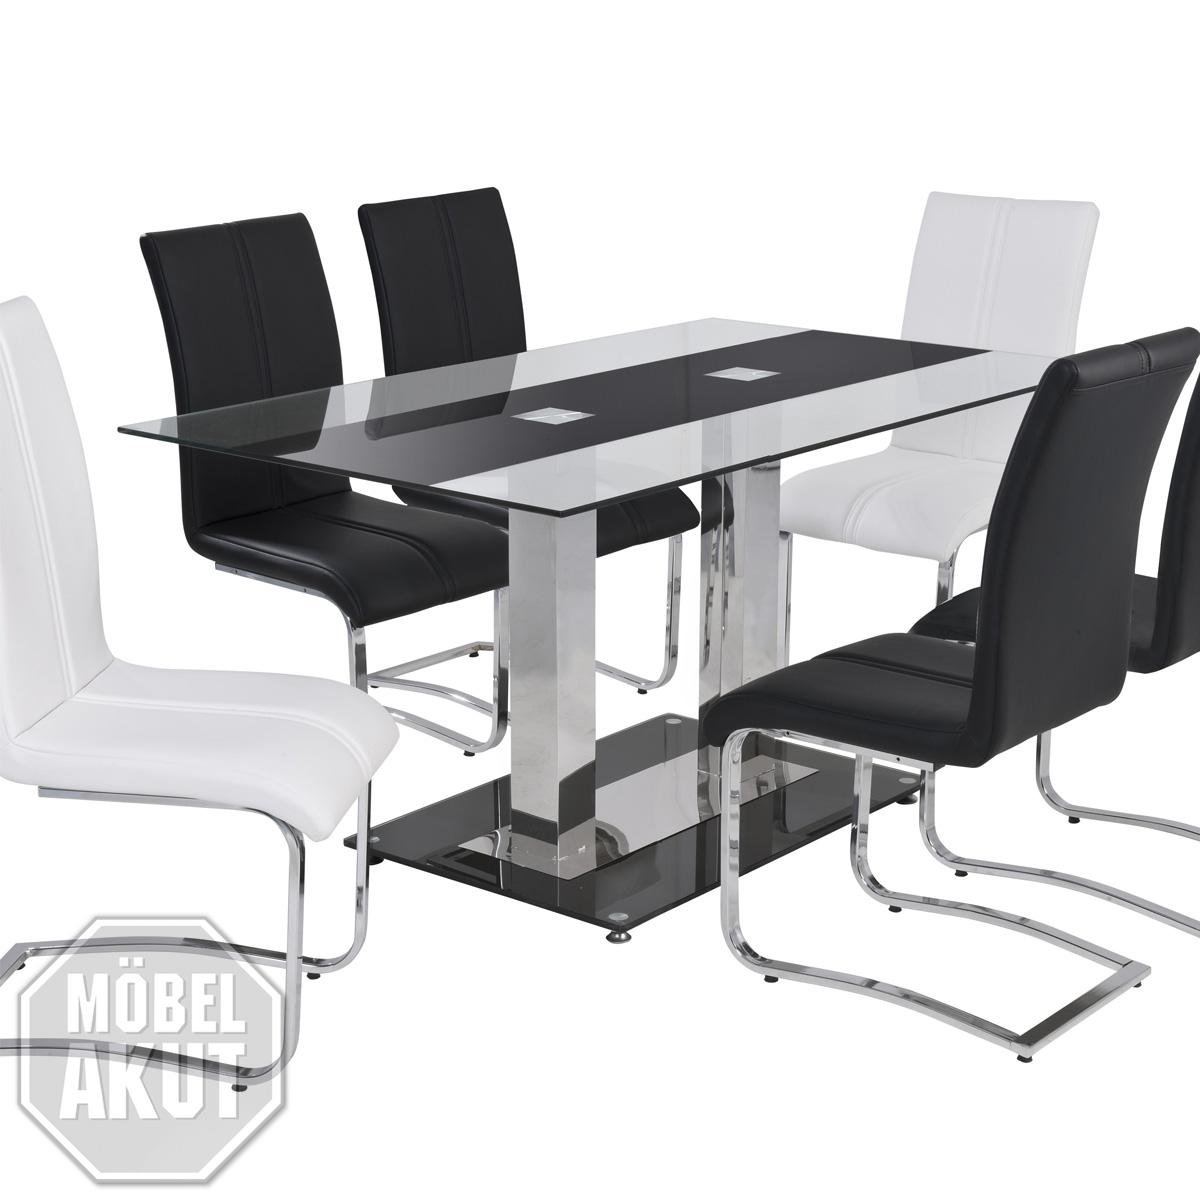 esstisch schwarz glas esstisch sinja ausziehtisch glas. Black Bedroom Furniture Sets. Home Design Ideas